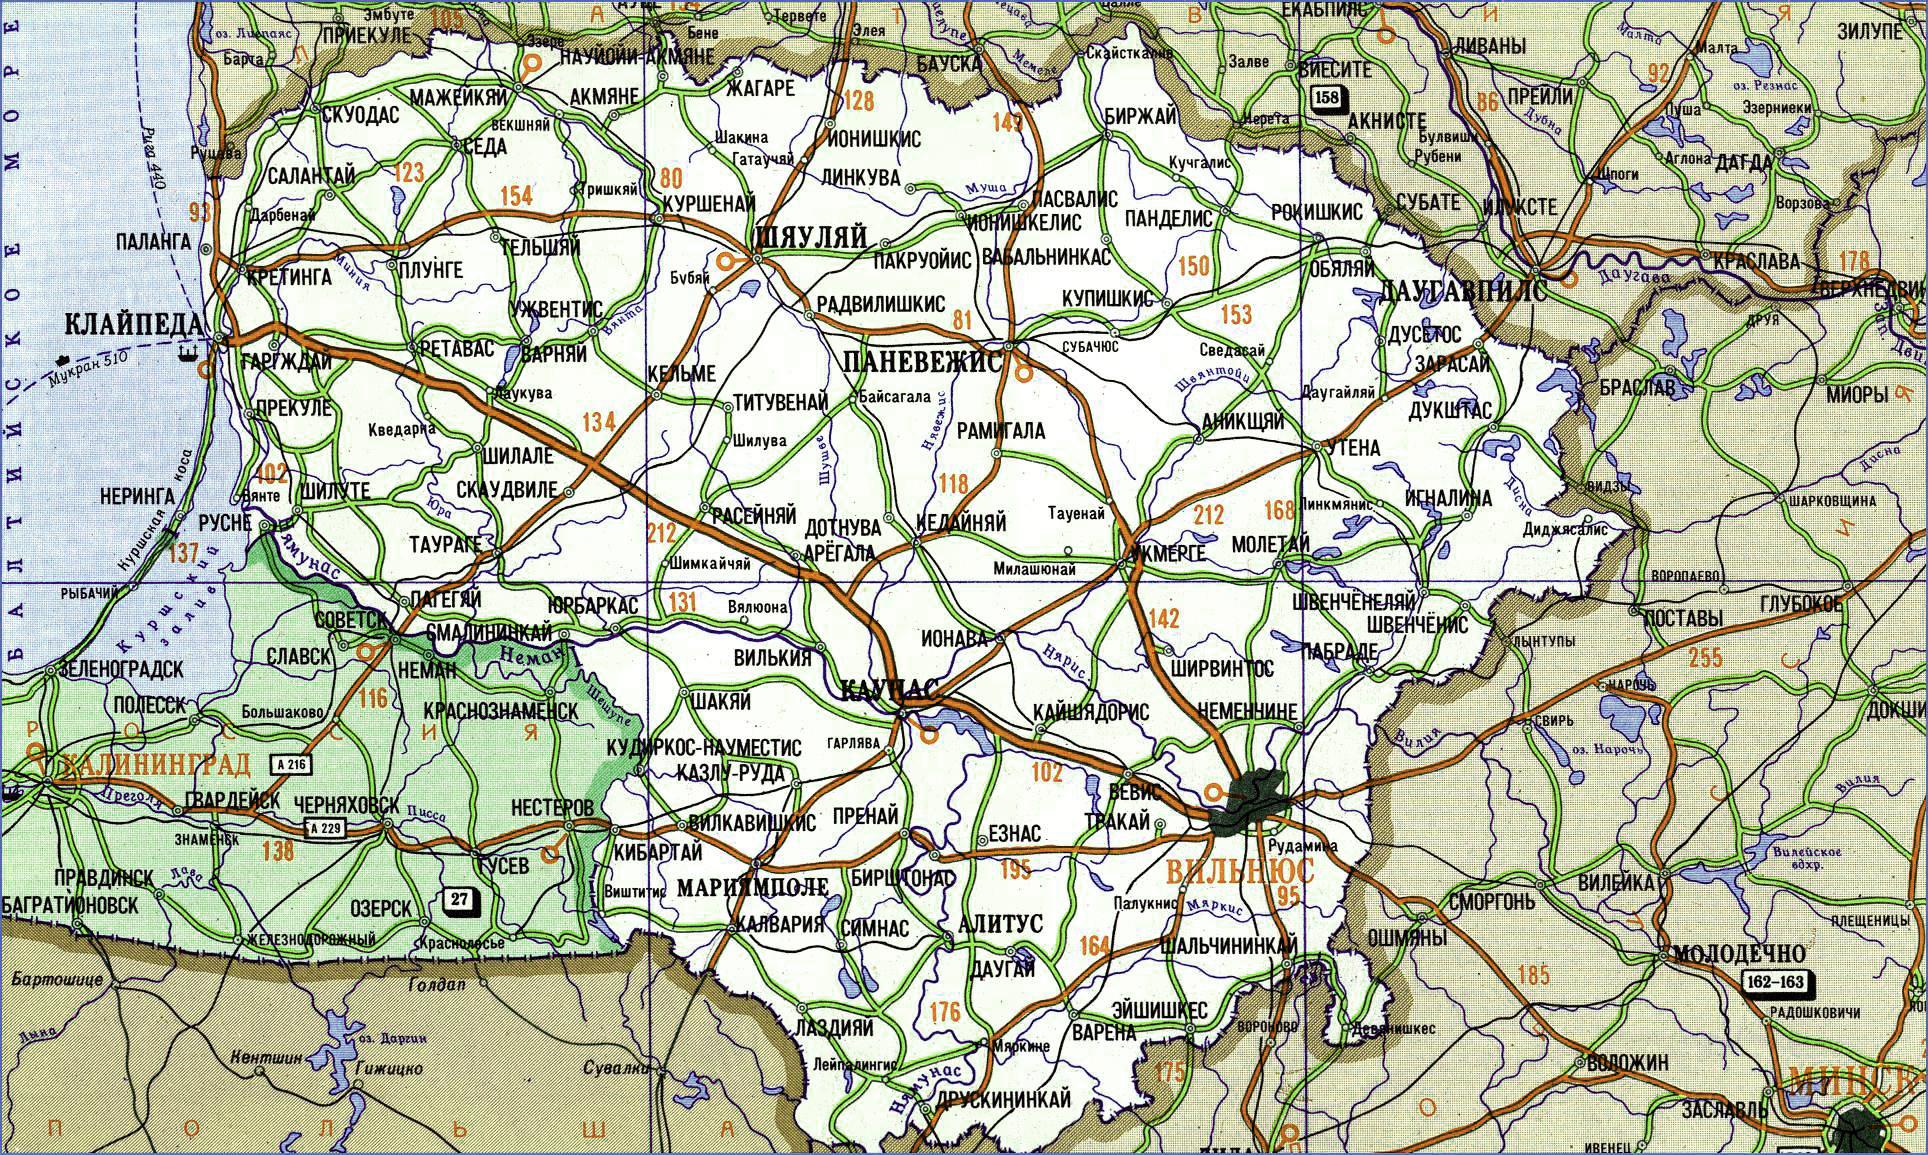 Карта Литвы с городами на русском языке